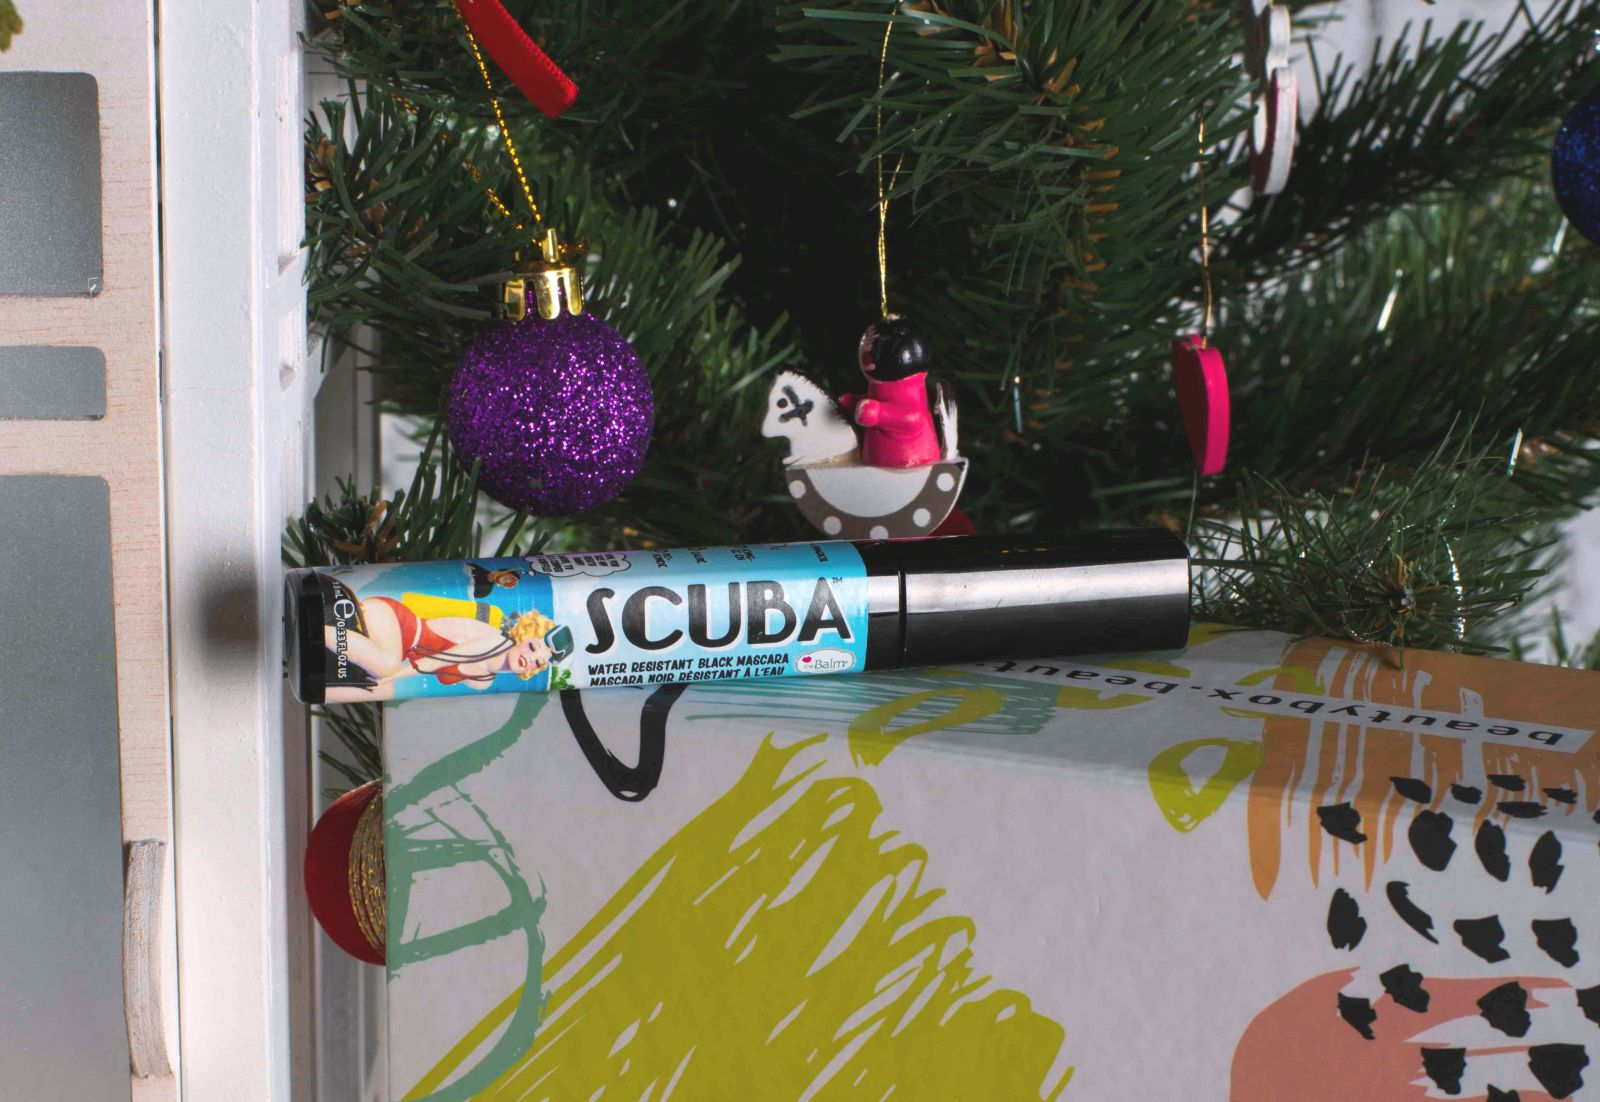 Новая коробочка VivaBeauty Box MakeUp me Golden - фантастический подарок к волшебному празднику рекомендации